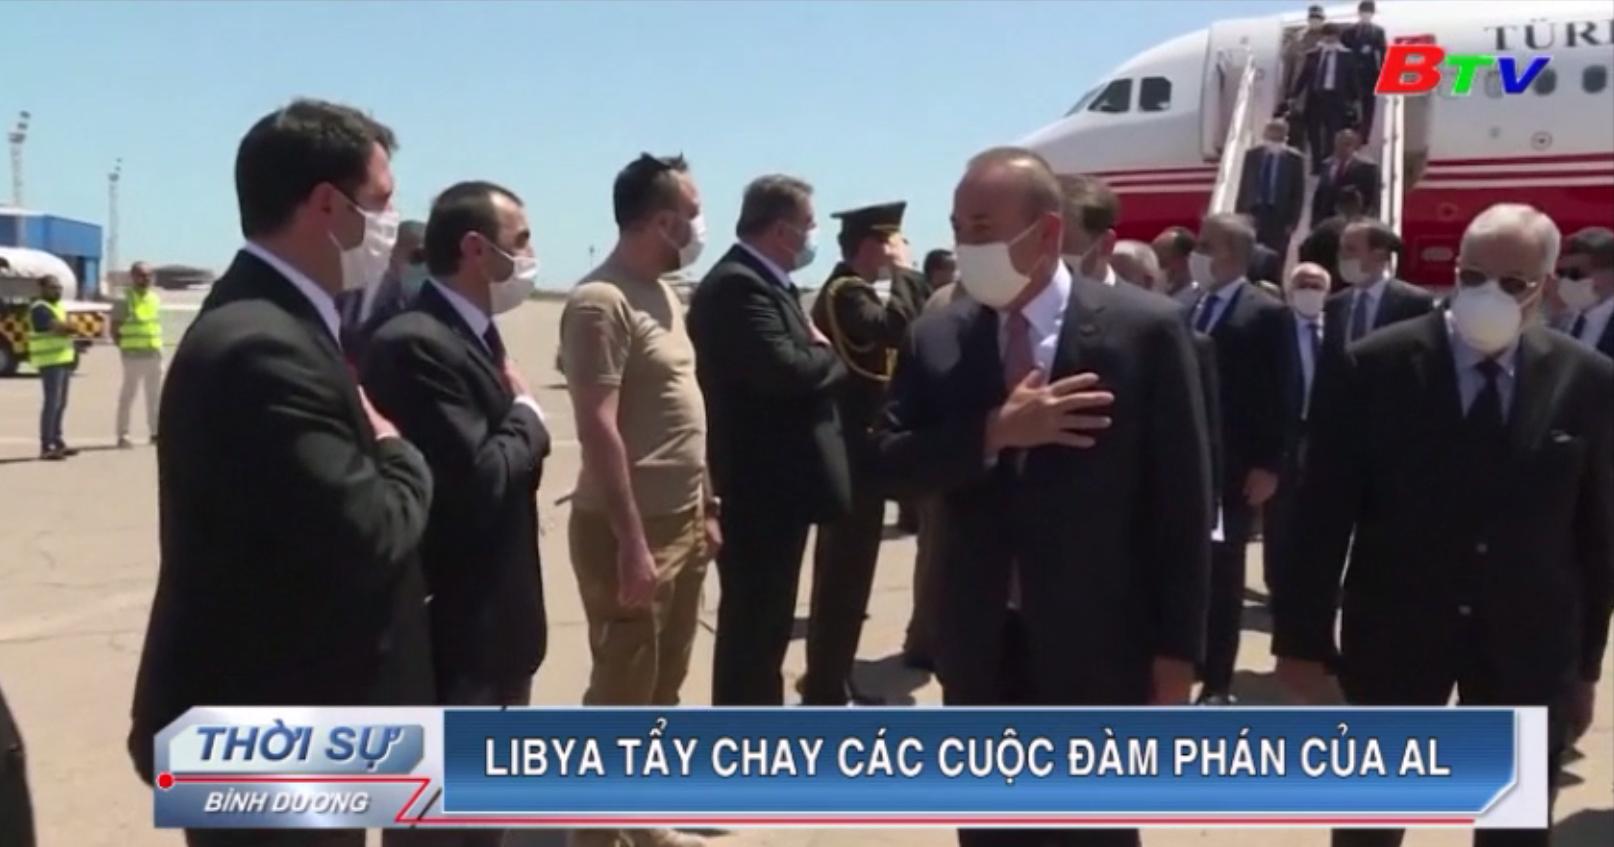 Libya tẩy chay các cuộc đàm phán của AL